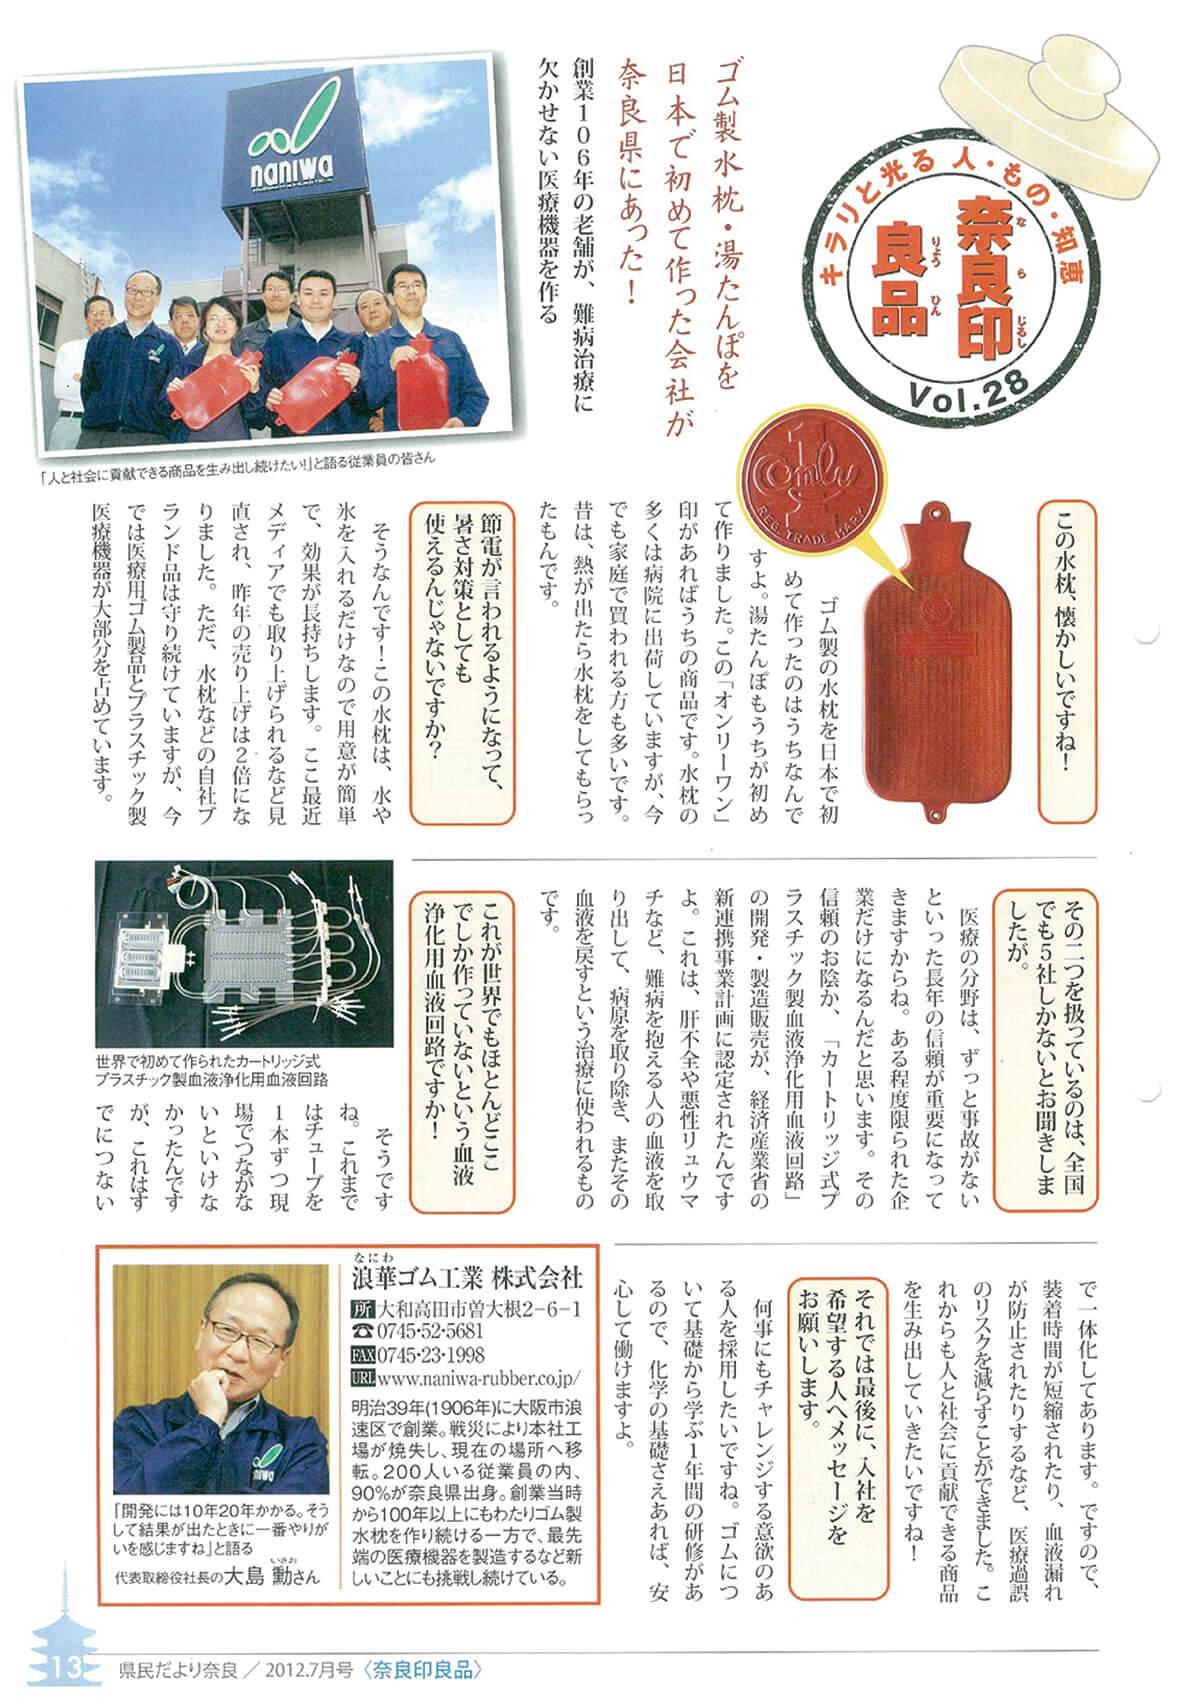 弊社の取り組みが「奈良だより7月号」に掲載されました。